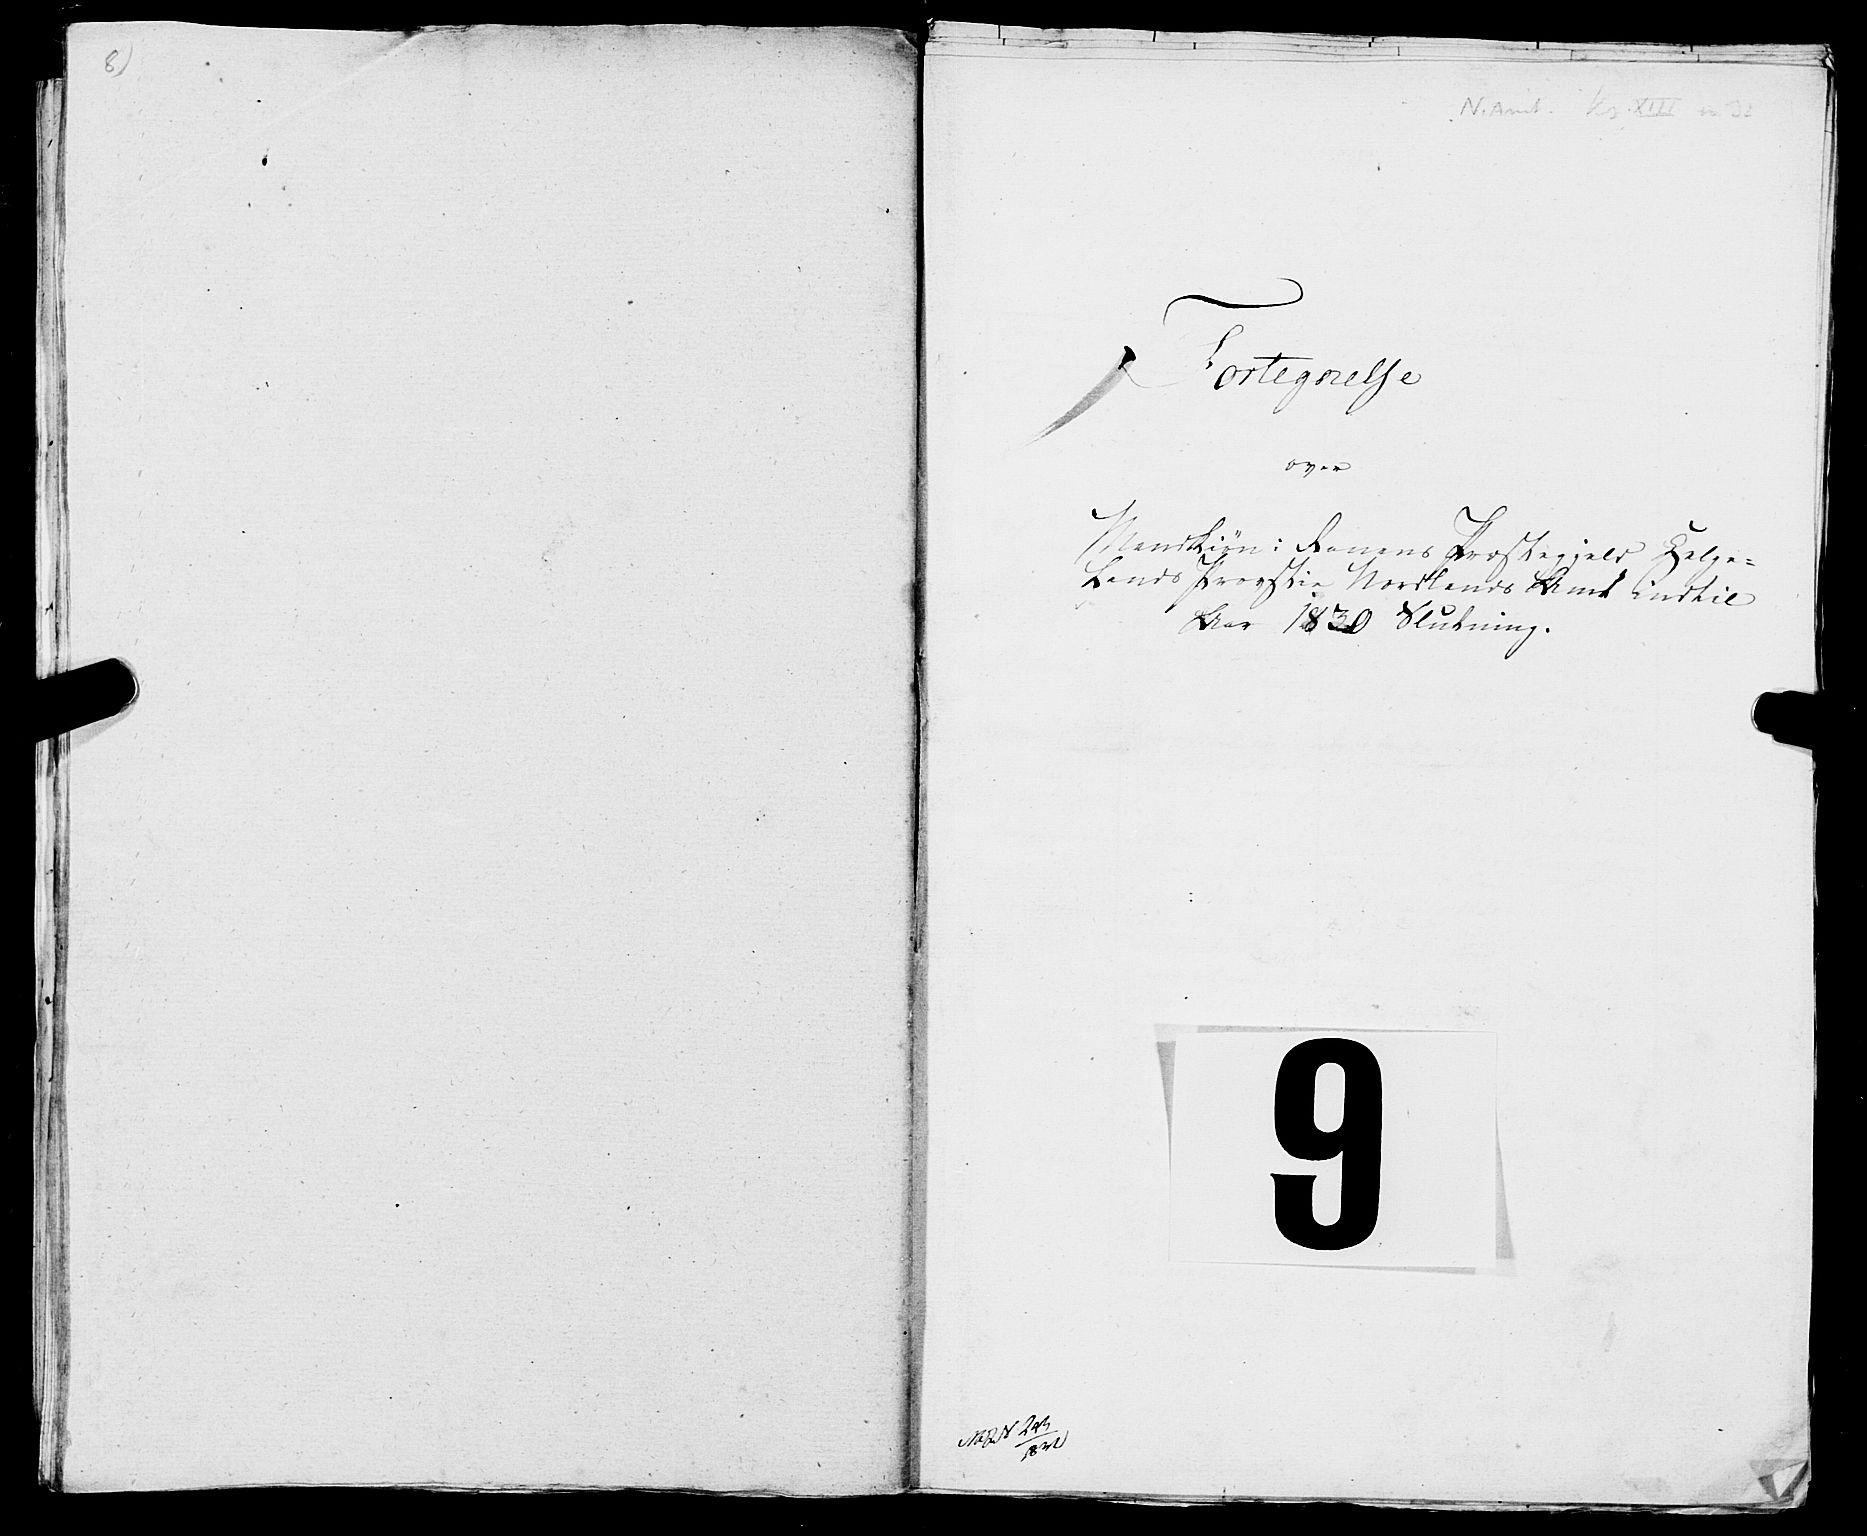 SAT, Fylkesmannen i Nordland, R/RA/L0013: Innrulleringsmanntall for Hemnes (Sør-Rana), 1809-1835, p. 210